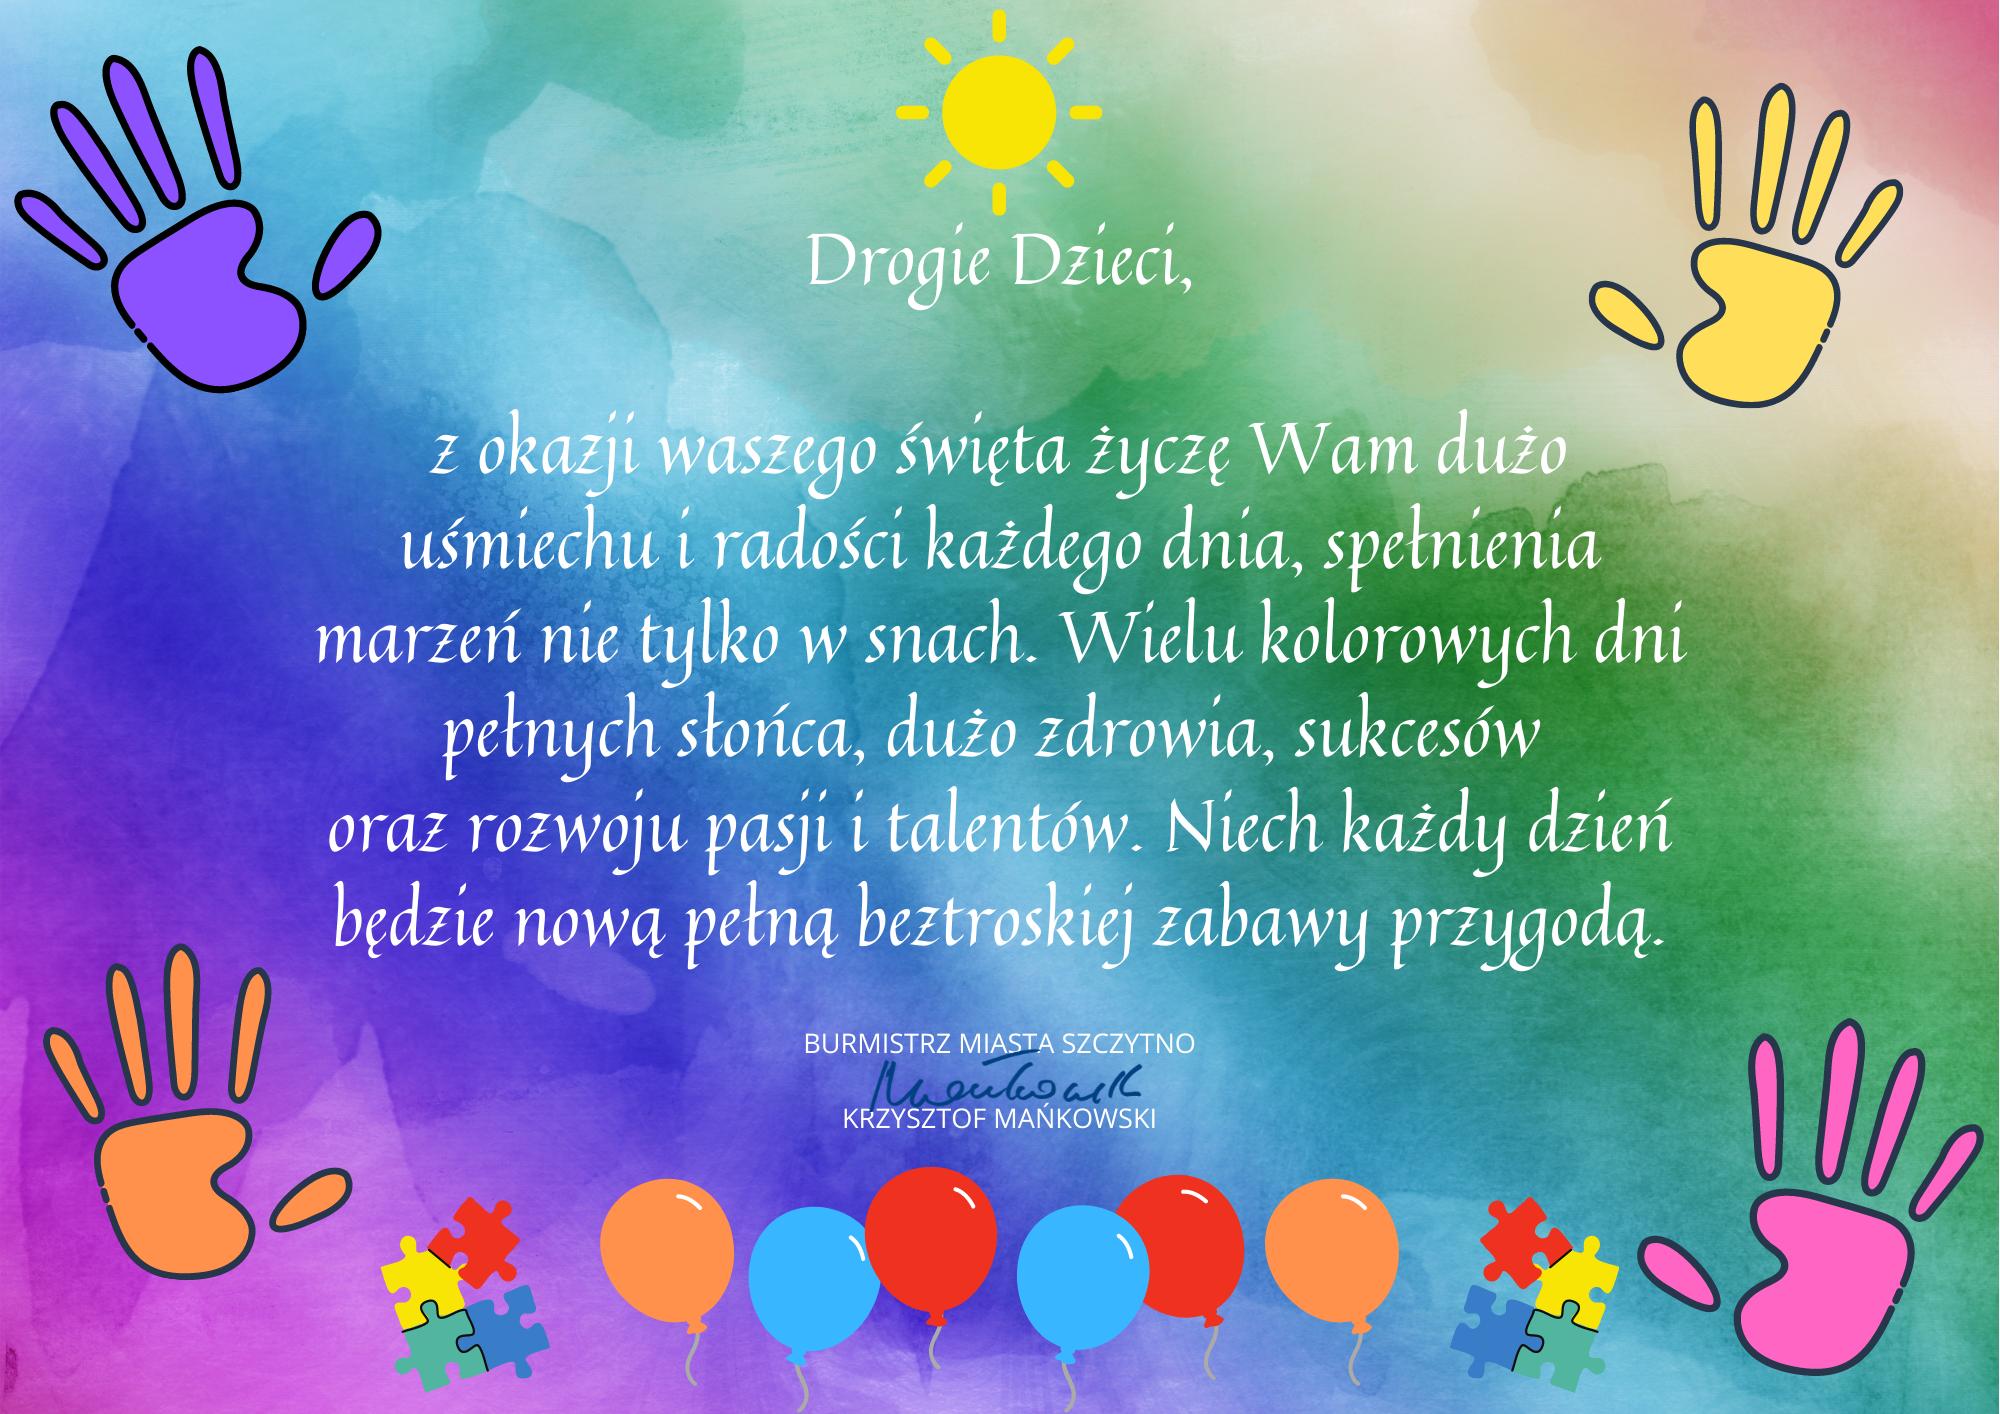 https://m.powiatszczycienski.pl/2021/06/orig/kopia-drogie-dzieci-z-okazji-swieta-waszego-zycze-wam-wszystkiego-najlepszego-zeby-lato-nigdy-sie-nie-konczylo-i-na-buziach-zawsze-szczescie-bylo-40764.png